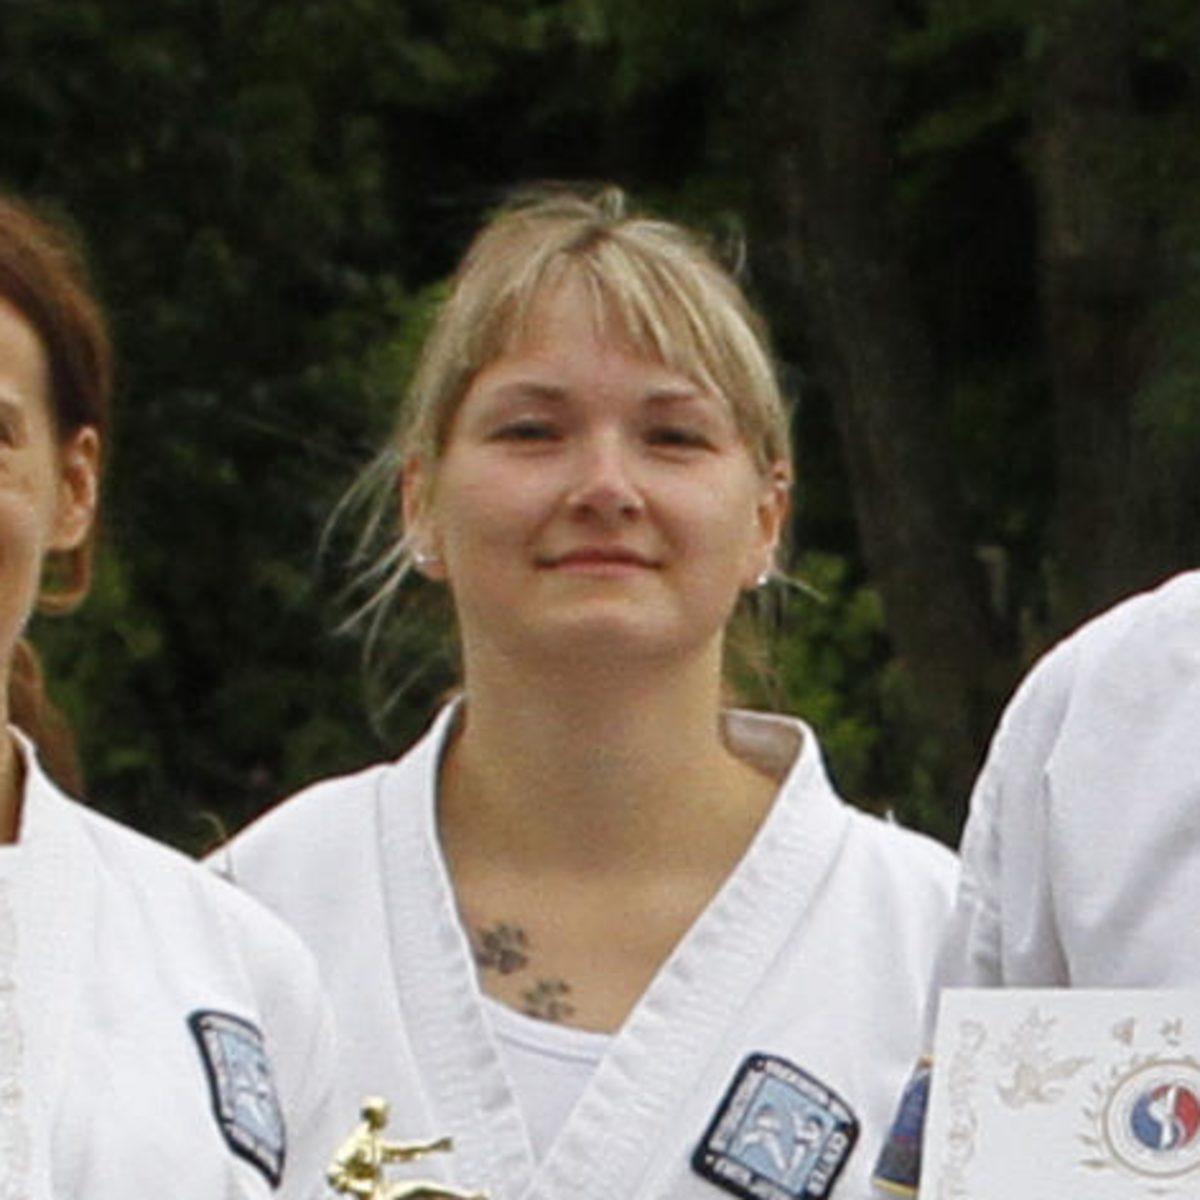 Meisterin Josie Rossmann, 1. Dan - Stadtroda